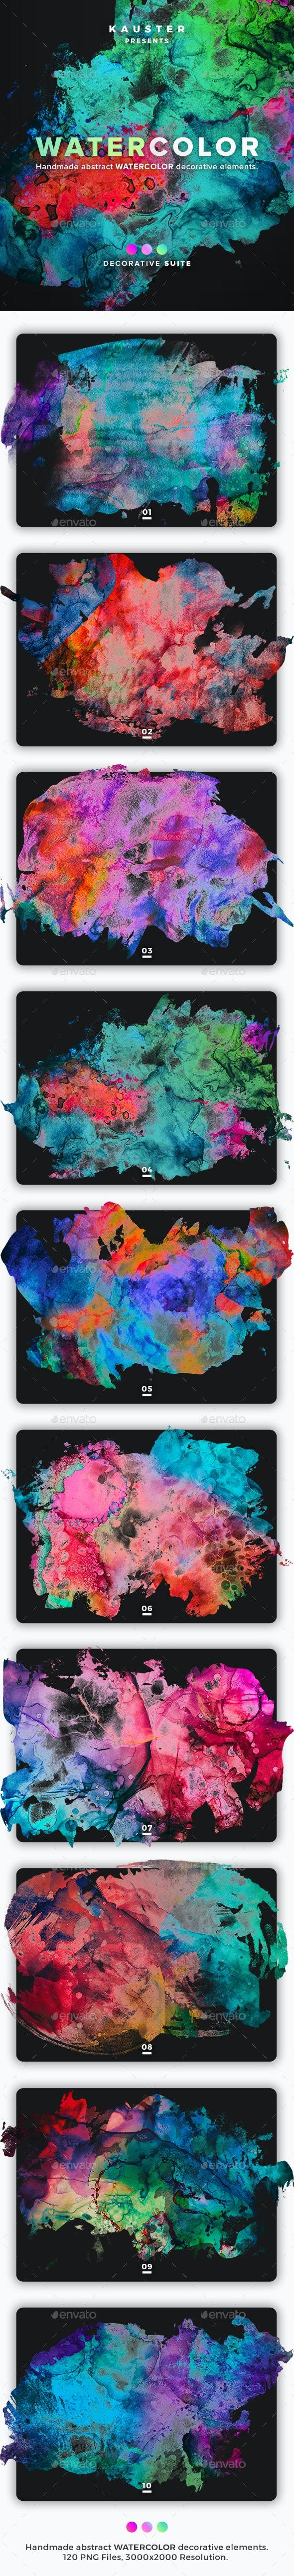 Watercolor Decorative Suite - Backgrounds Decorative